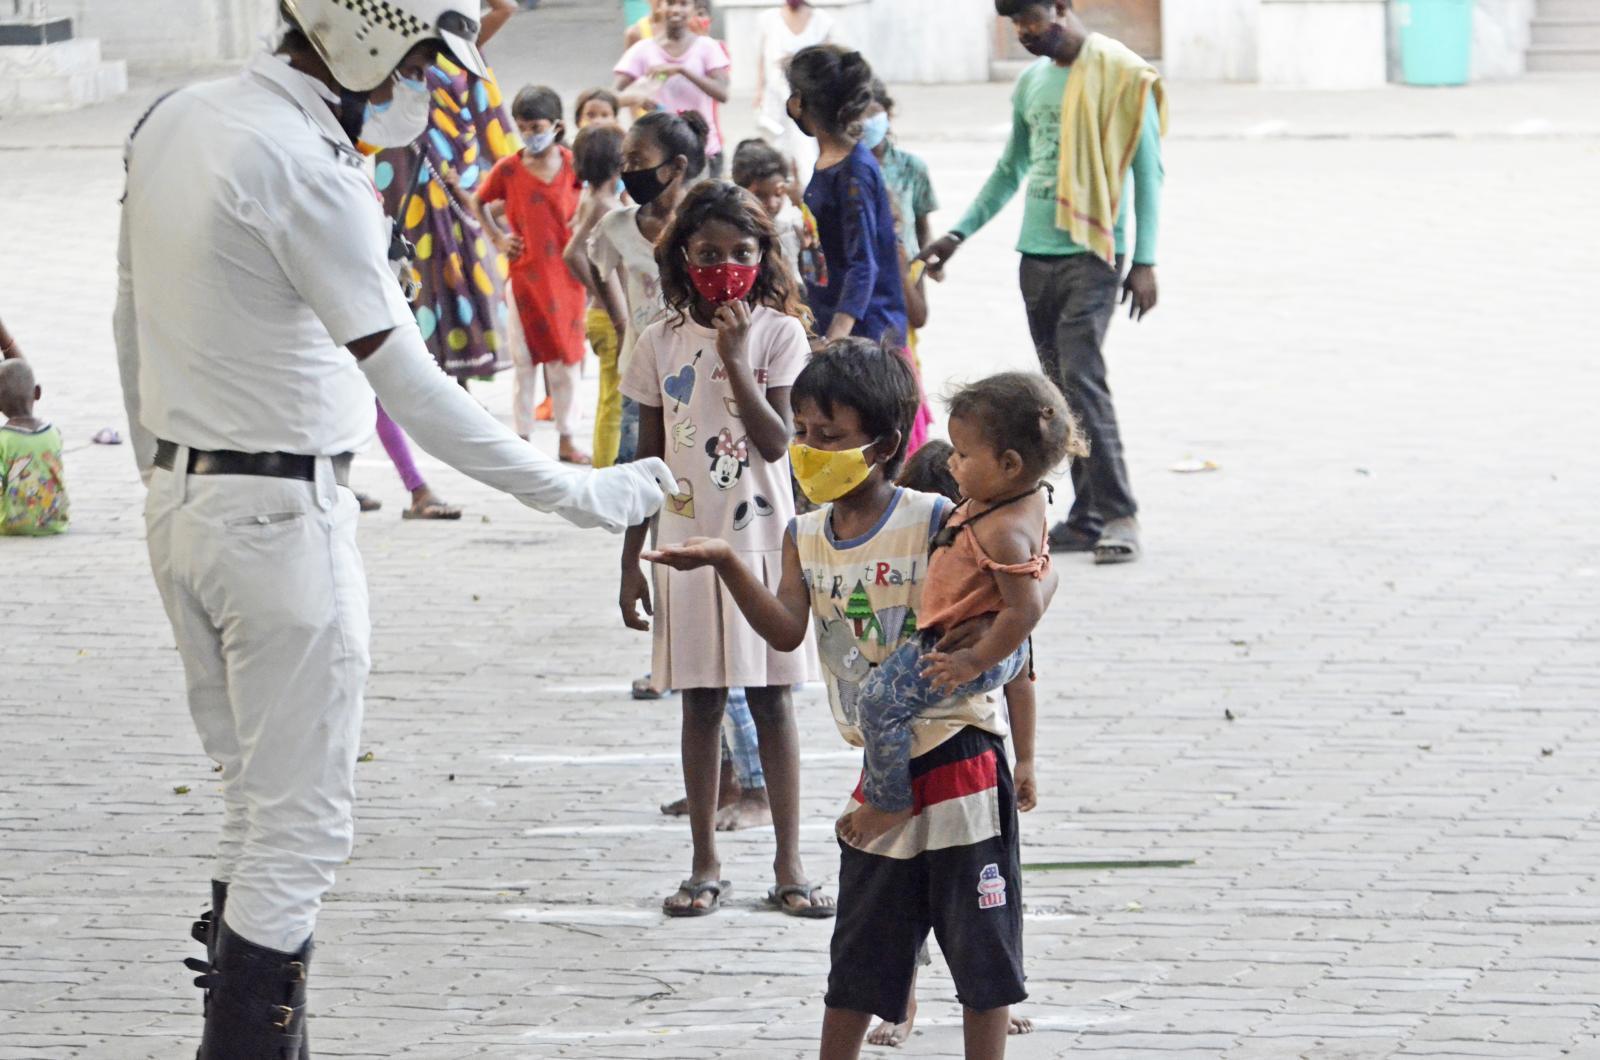 โควิด-19 คร่าชีวิตพ่อแม่ เด็กกำพร้าในอินเดียเพิ่มขึ้นหลายพันคน